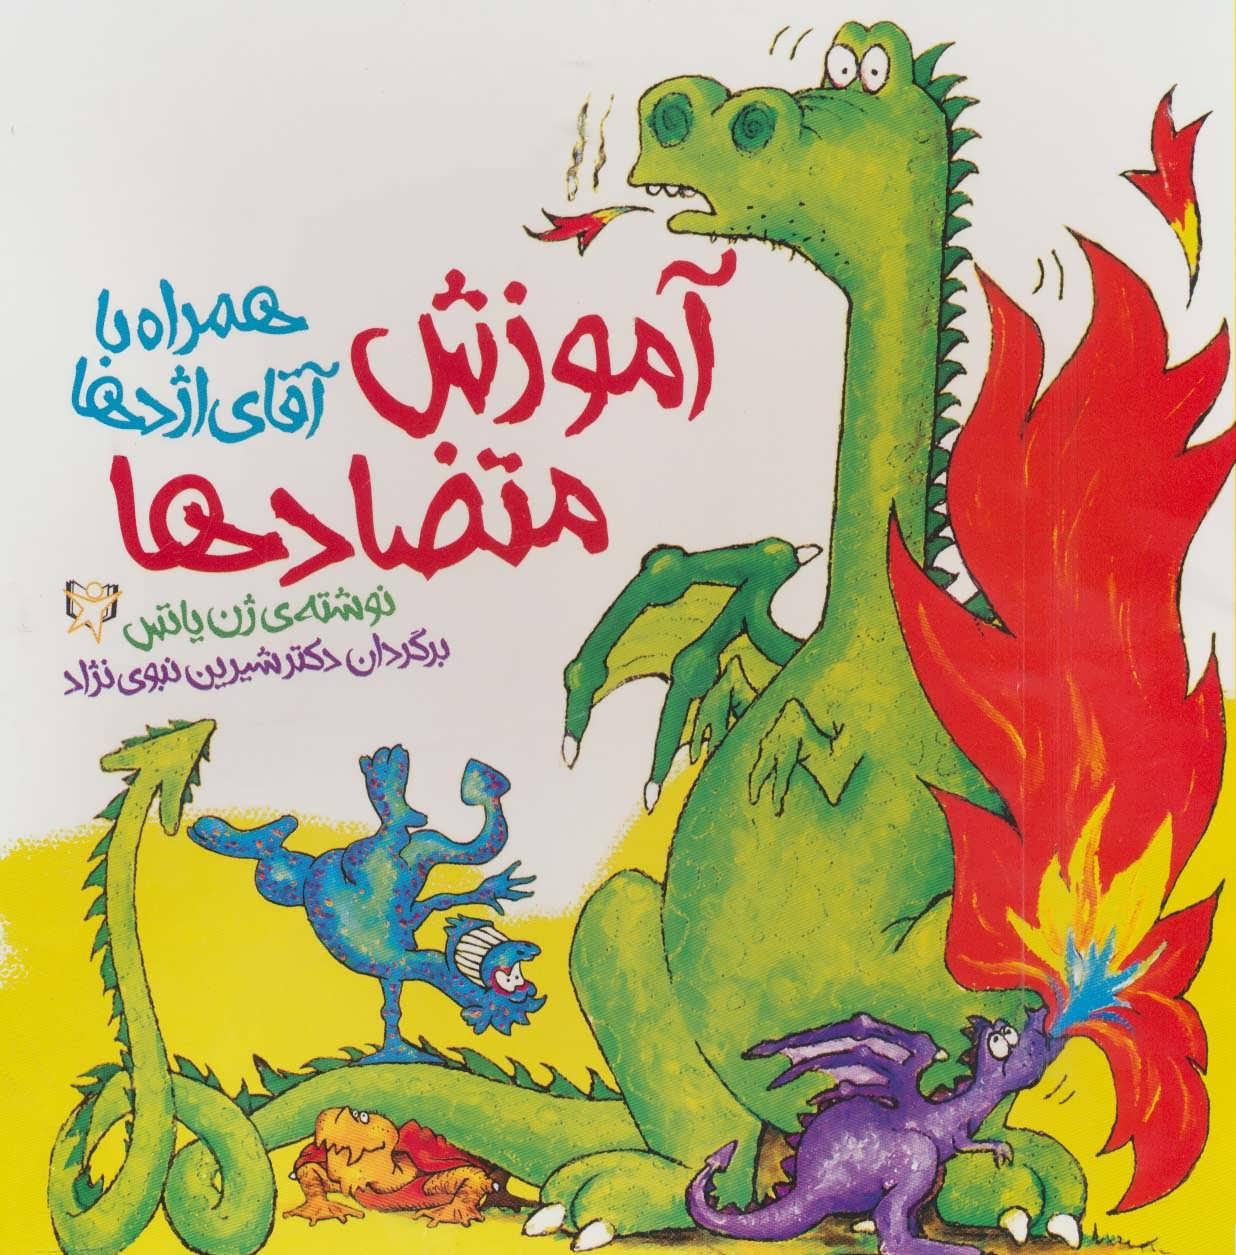 کتاب آموزش متضادها همراه با آقای اژدها